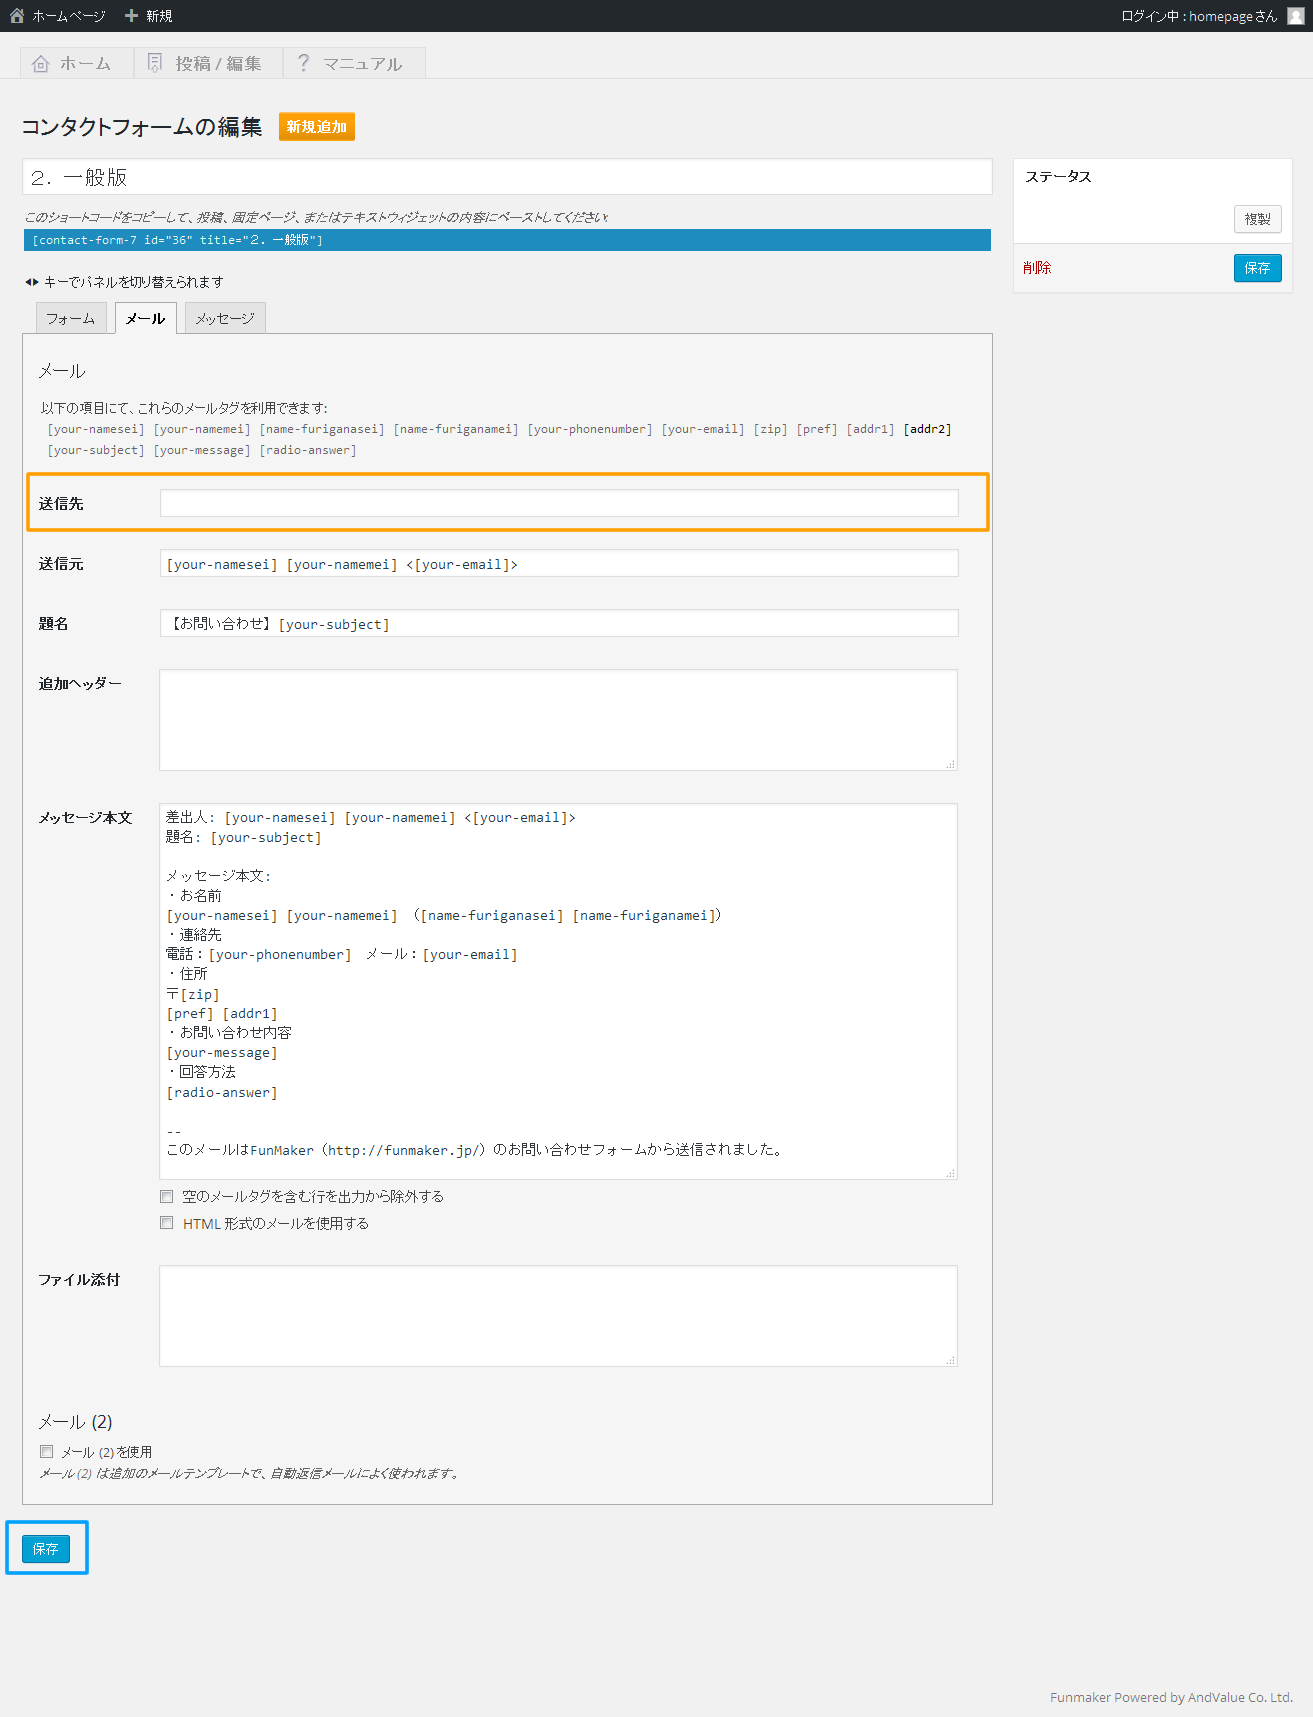 お問い合わせフォームの編集 メール宛先 | 初期費用無料ホームページ作成サイト - FunMaker